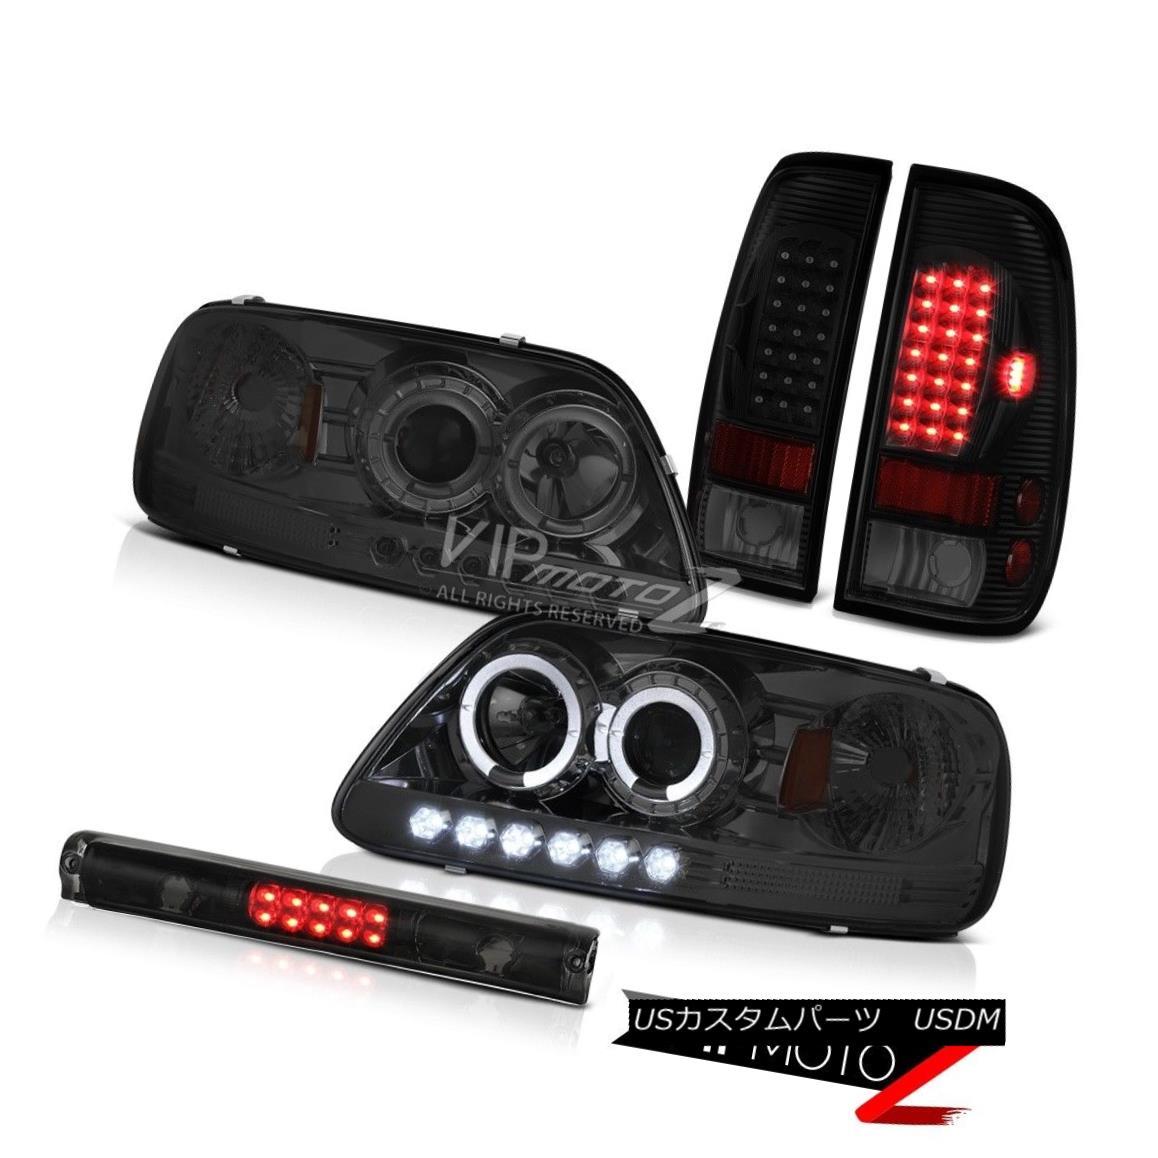 ヘッドライト 1997-2003 F150 Lariat Roof Brake Light Smoke Tinted Tail Lights Headlights LED 1997-2003 F150 LariatルーフブレーキライトスモークテールテールライトヘッドライトLED